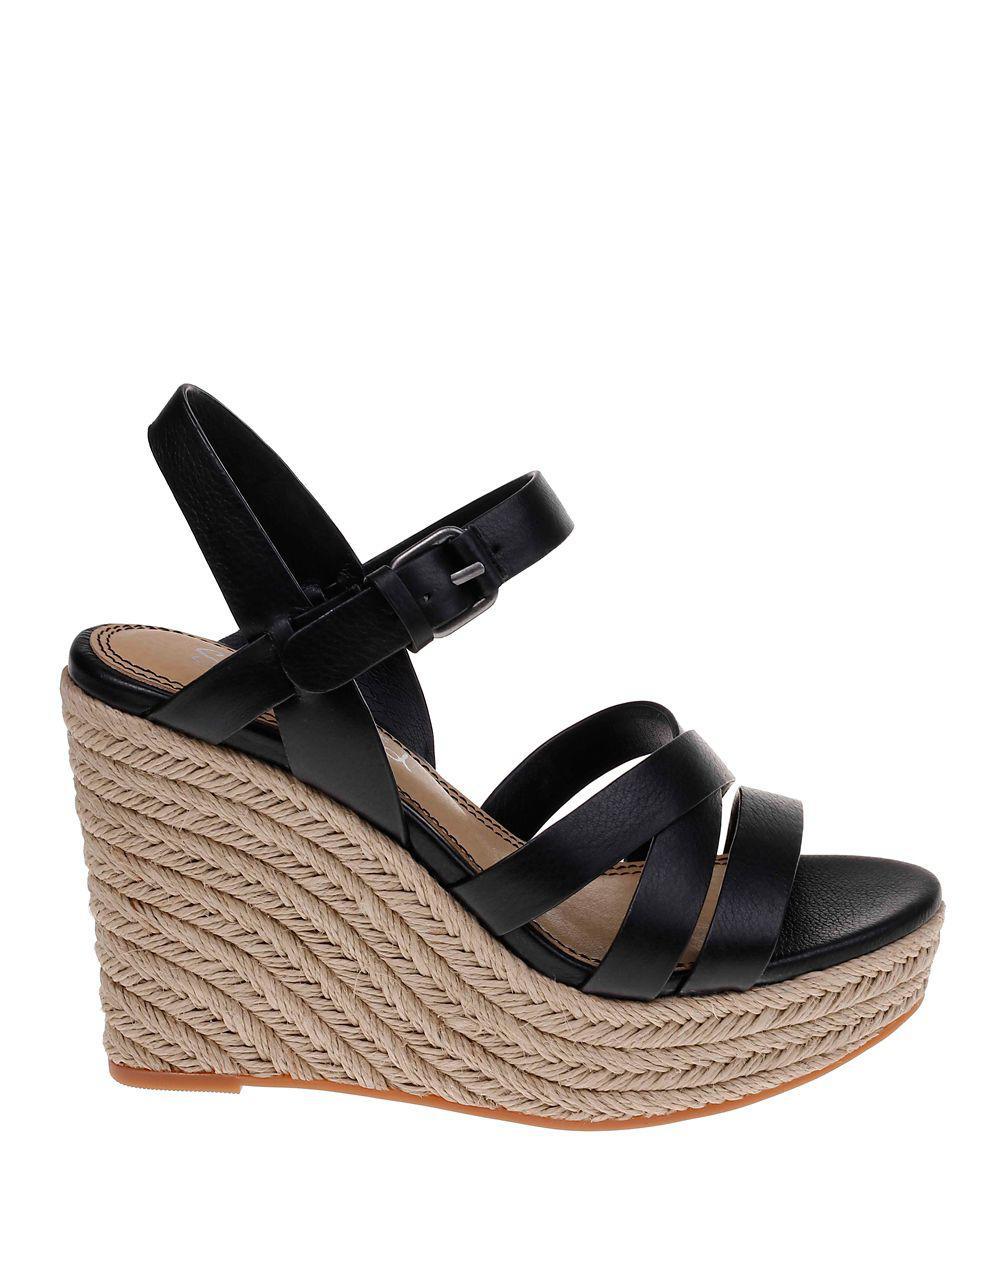 Billie Elastic Rhinestone Detailed Wedge Sandals 0Q5GOaUa